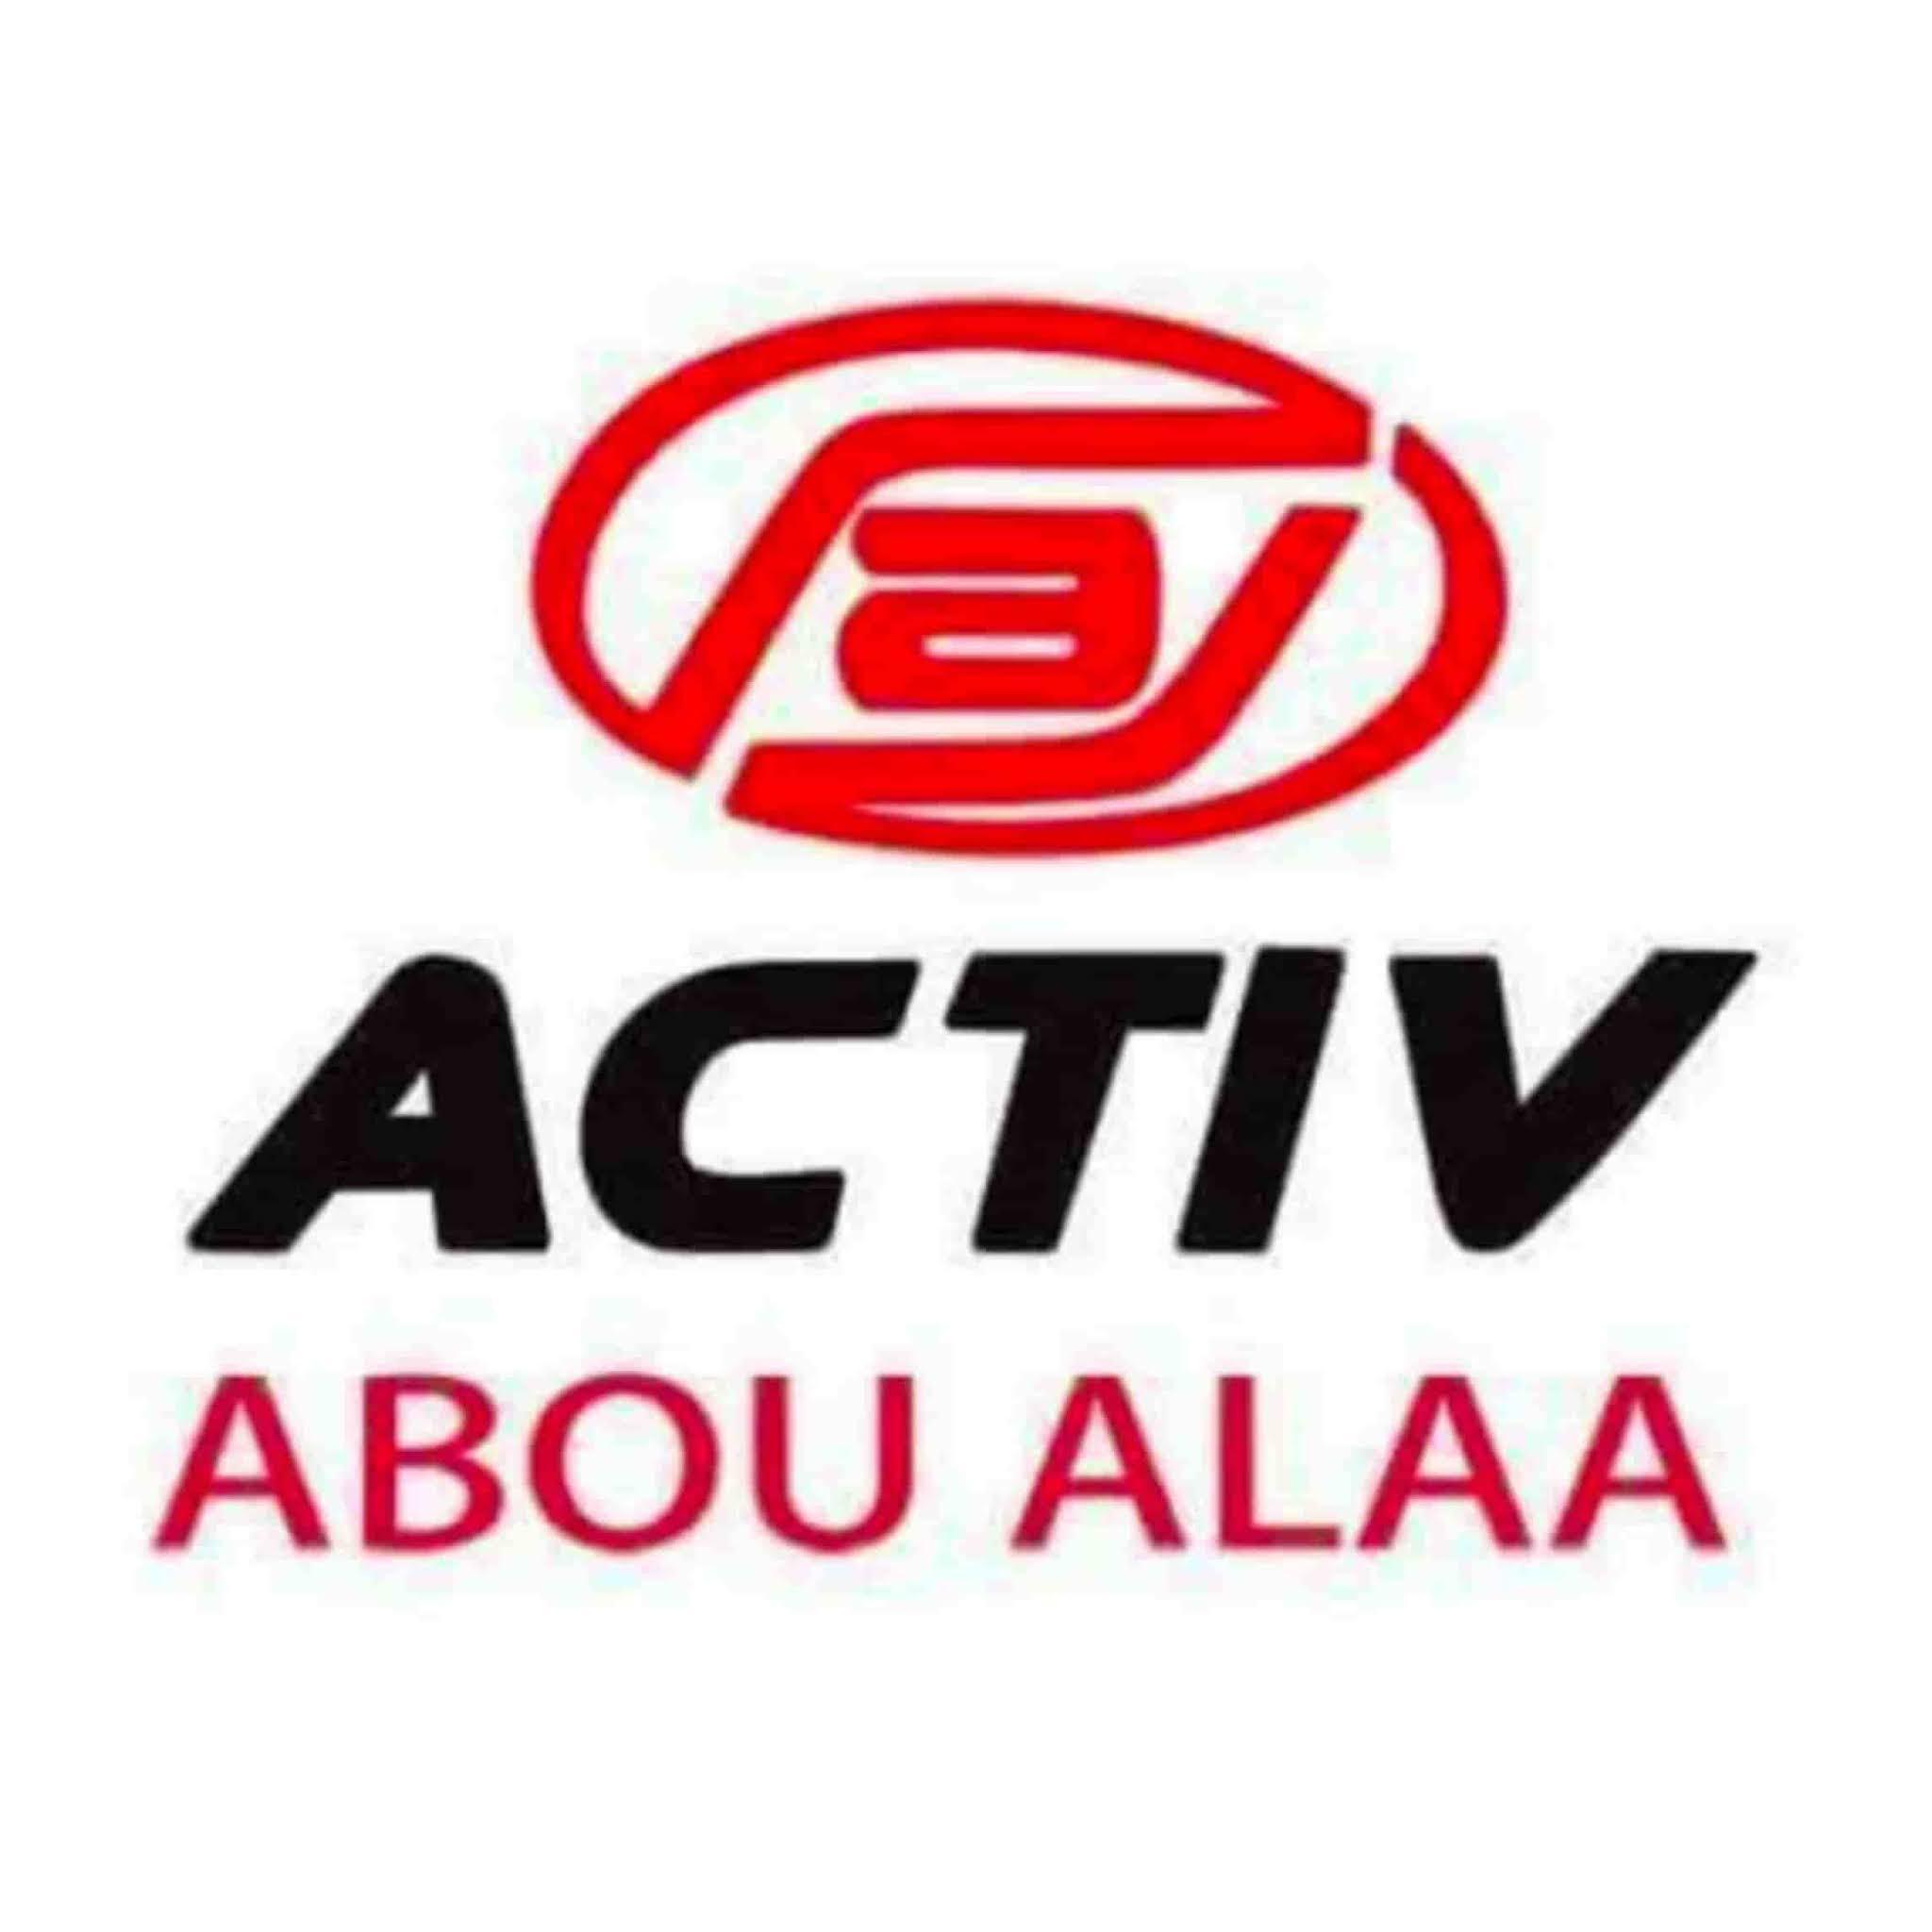 اعلان وظائف توكيل أكتف activ  أبو علاء بمرتبات مجزية